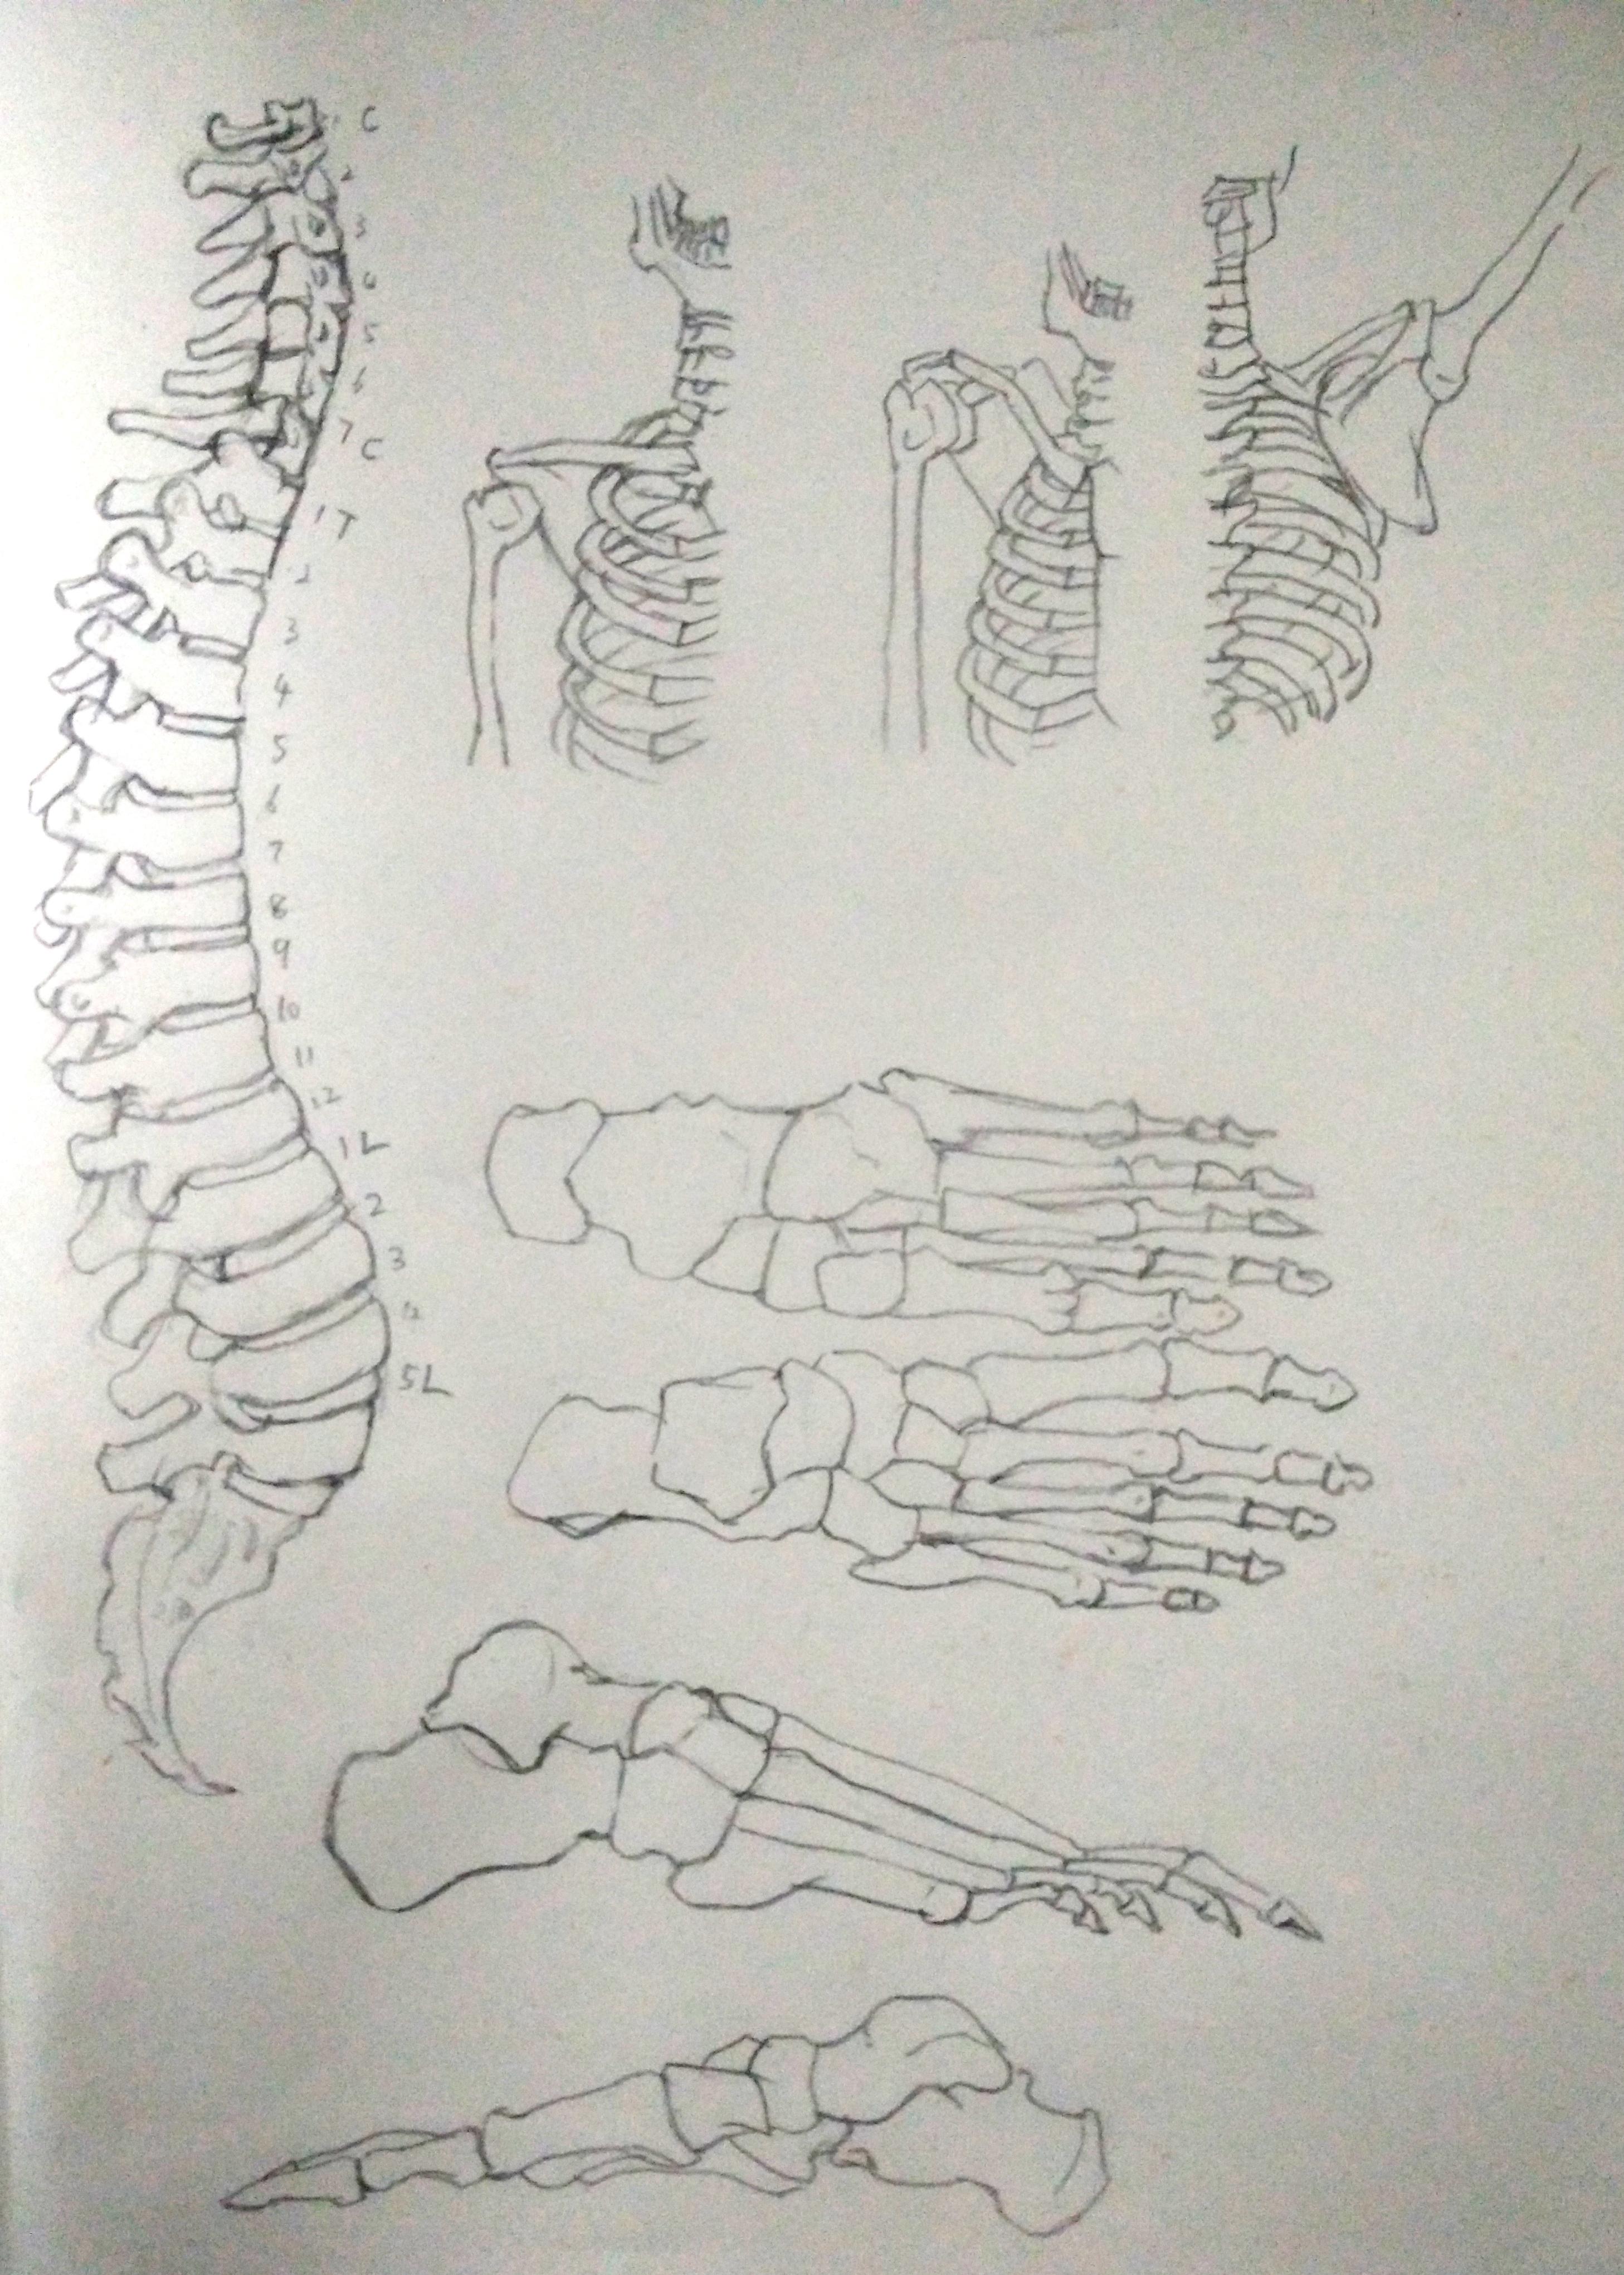 骨骼结构练习